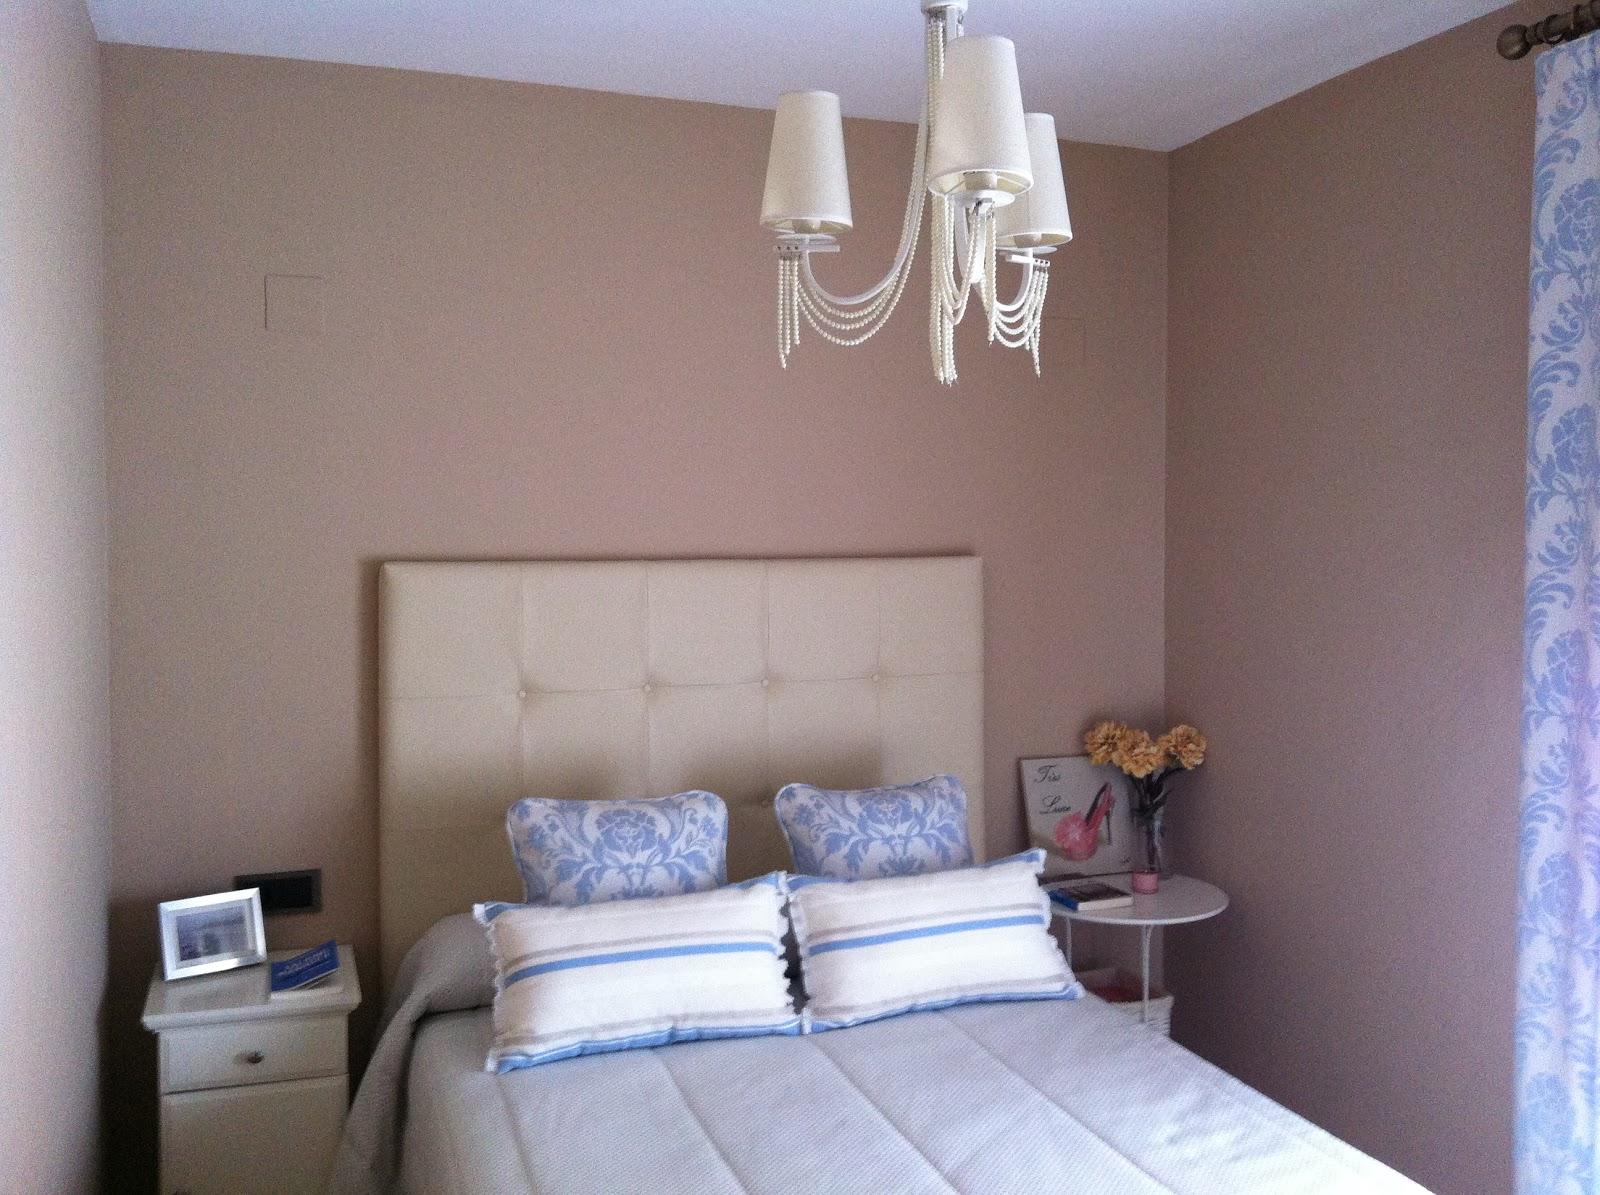 El rinc n de candi 11 ideas para decorar el cabecero de tu cama - Ideas cabeceros cama ...